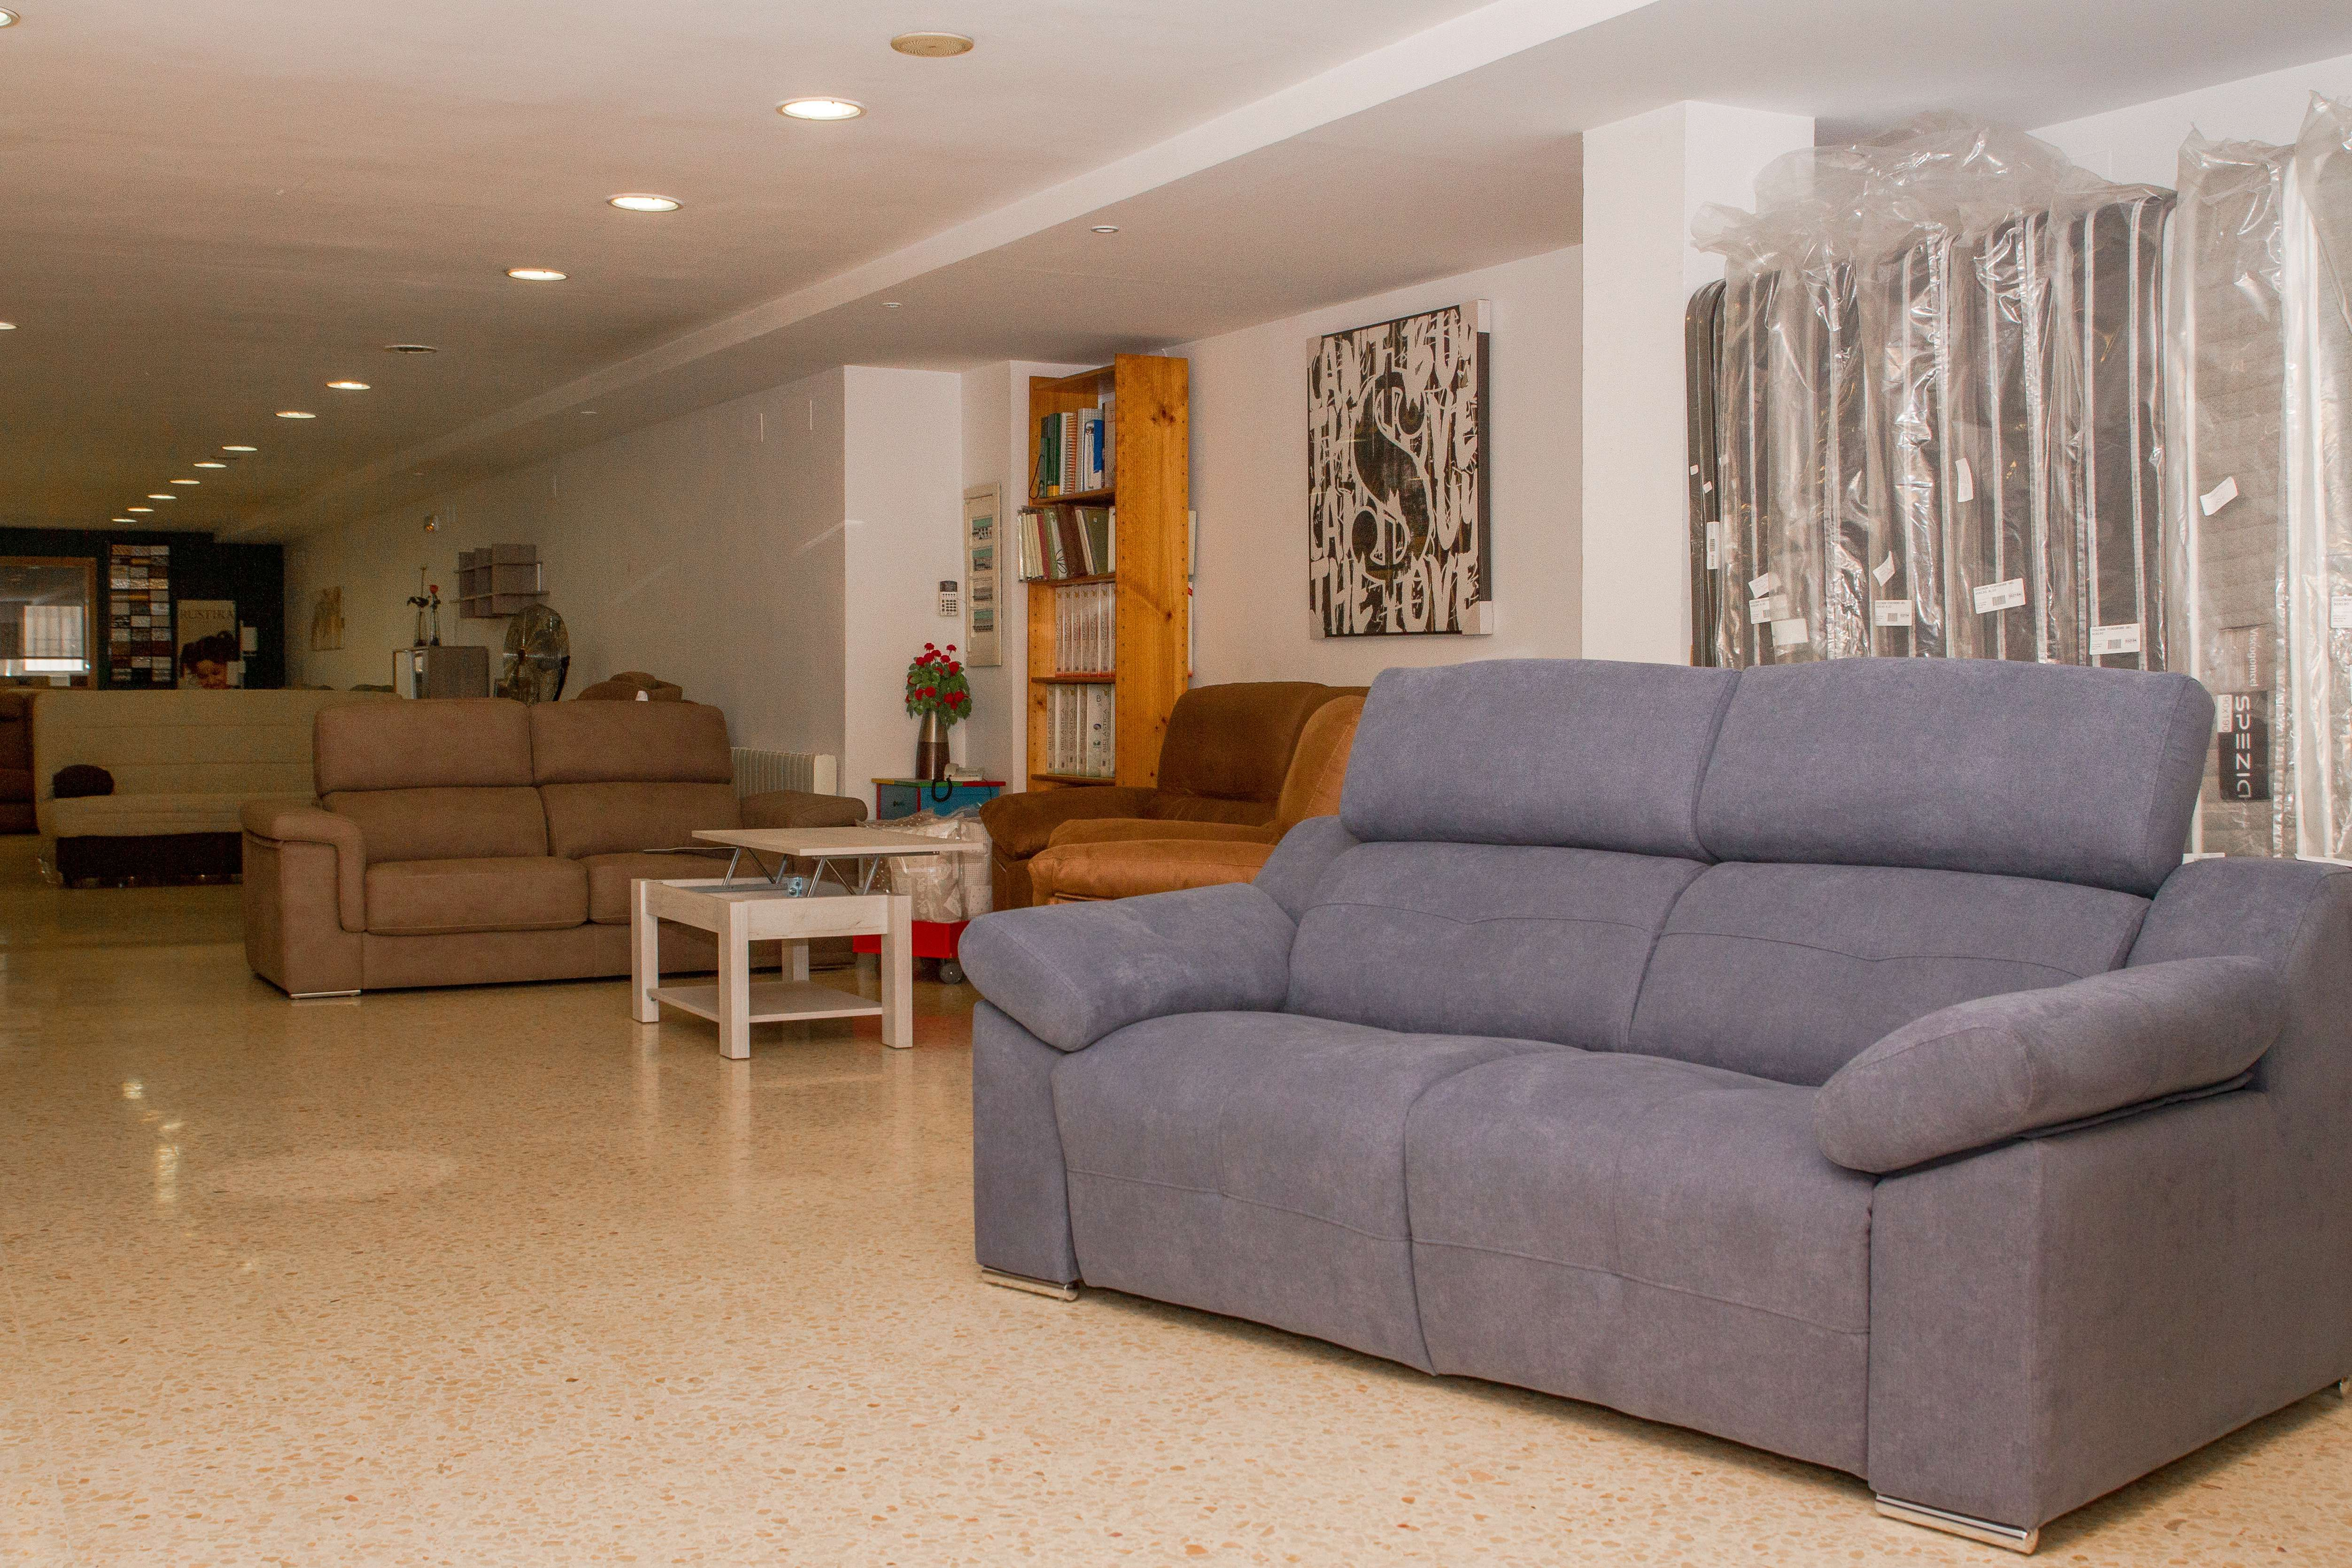 Tienda de muebles, sofás y colchones en Torredembarra